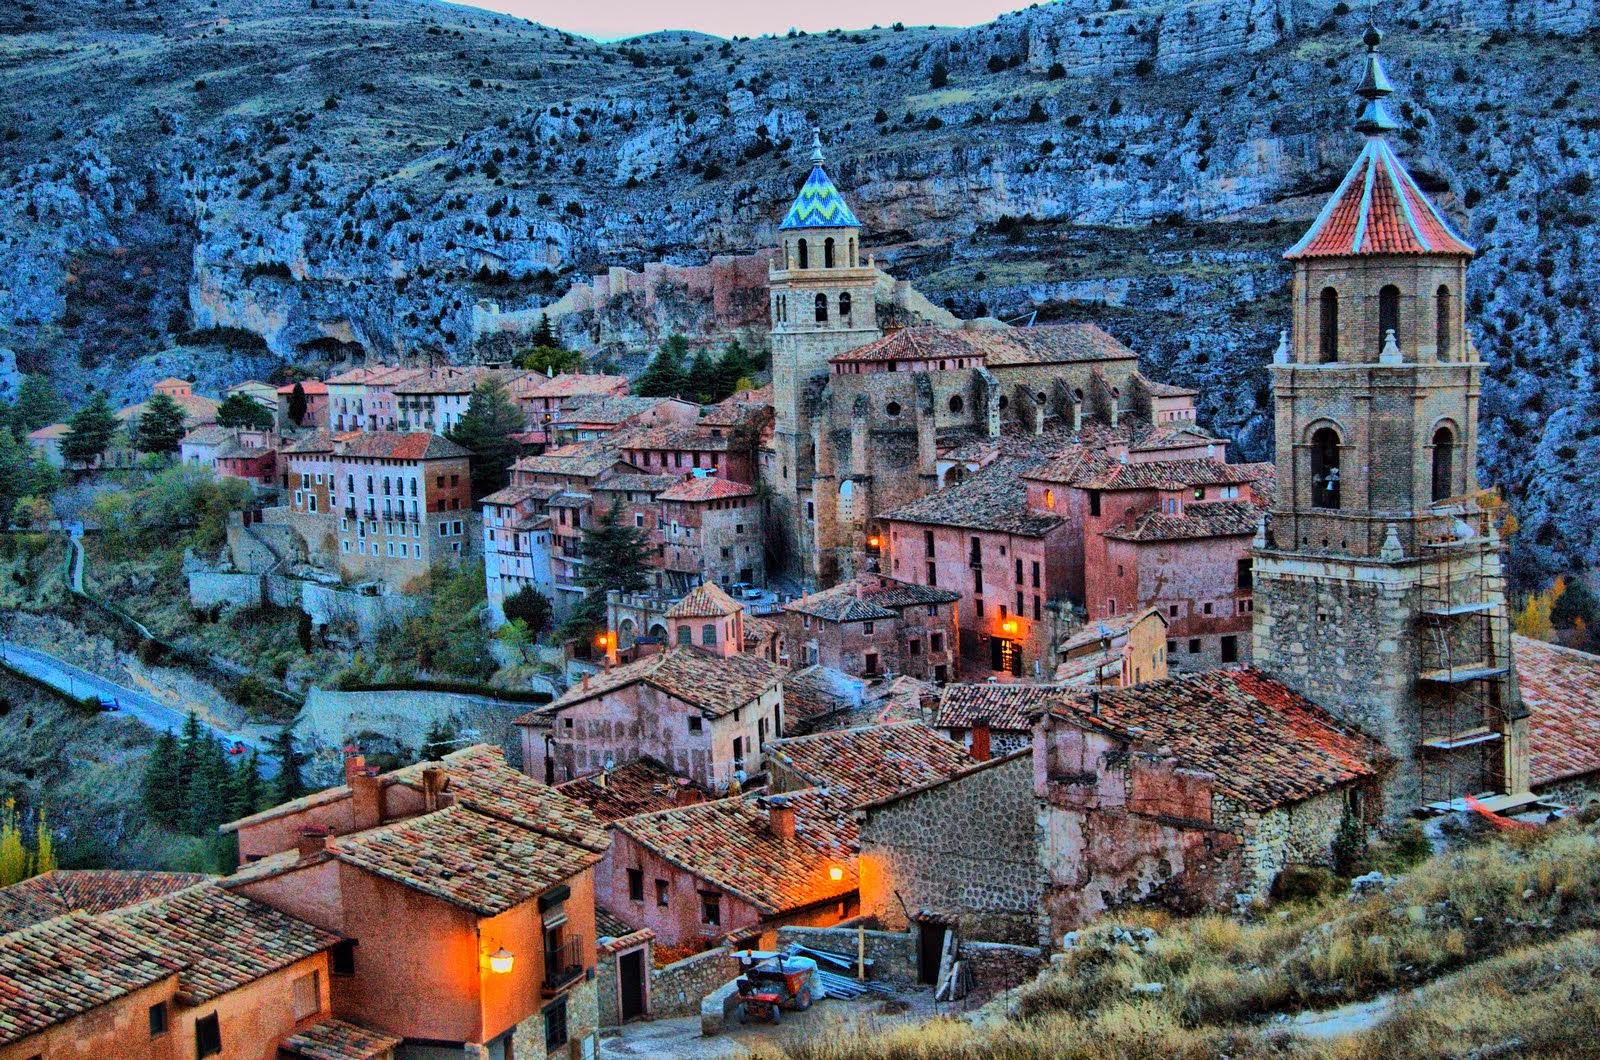 Resultado de imagen de Albarracin Teruel imagenes